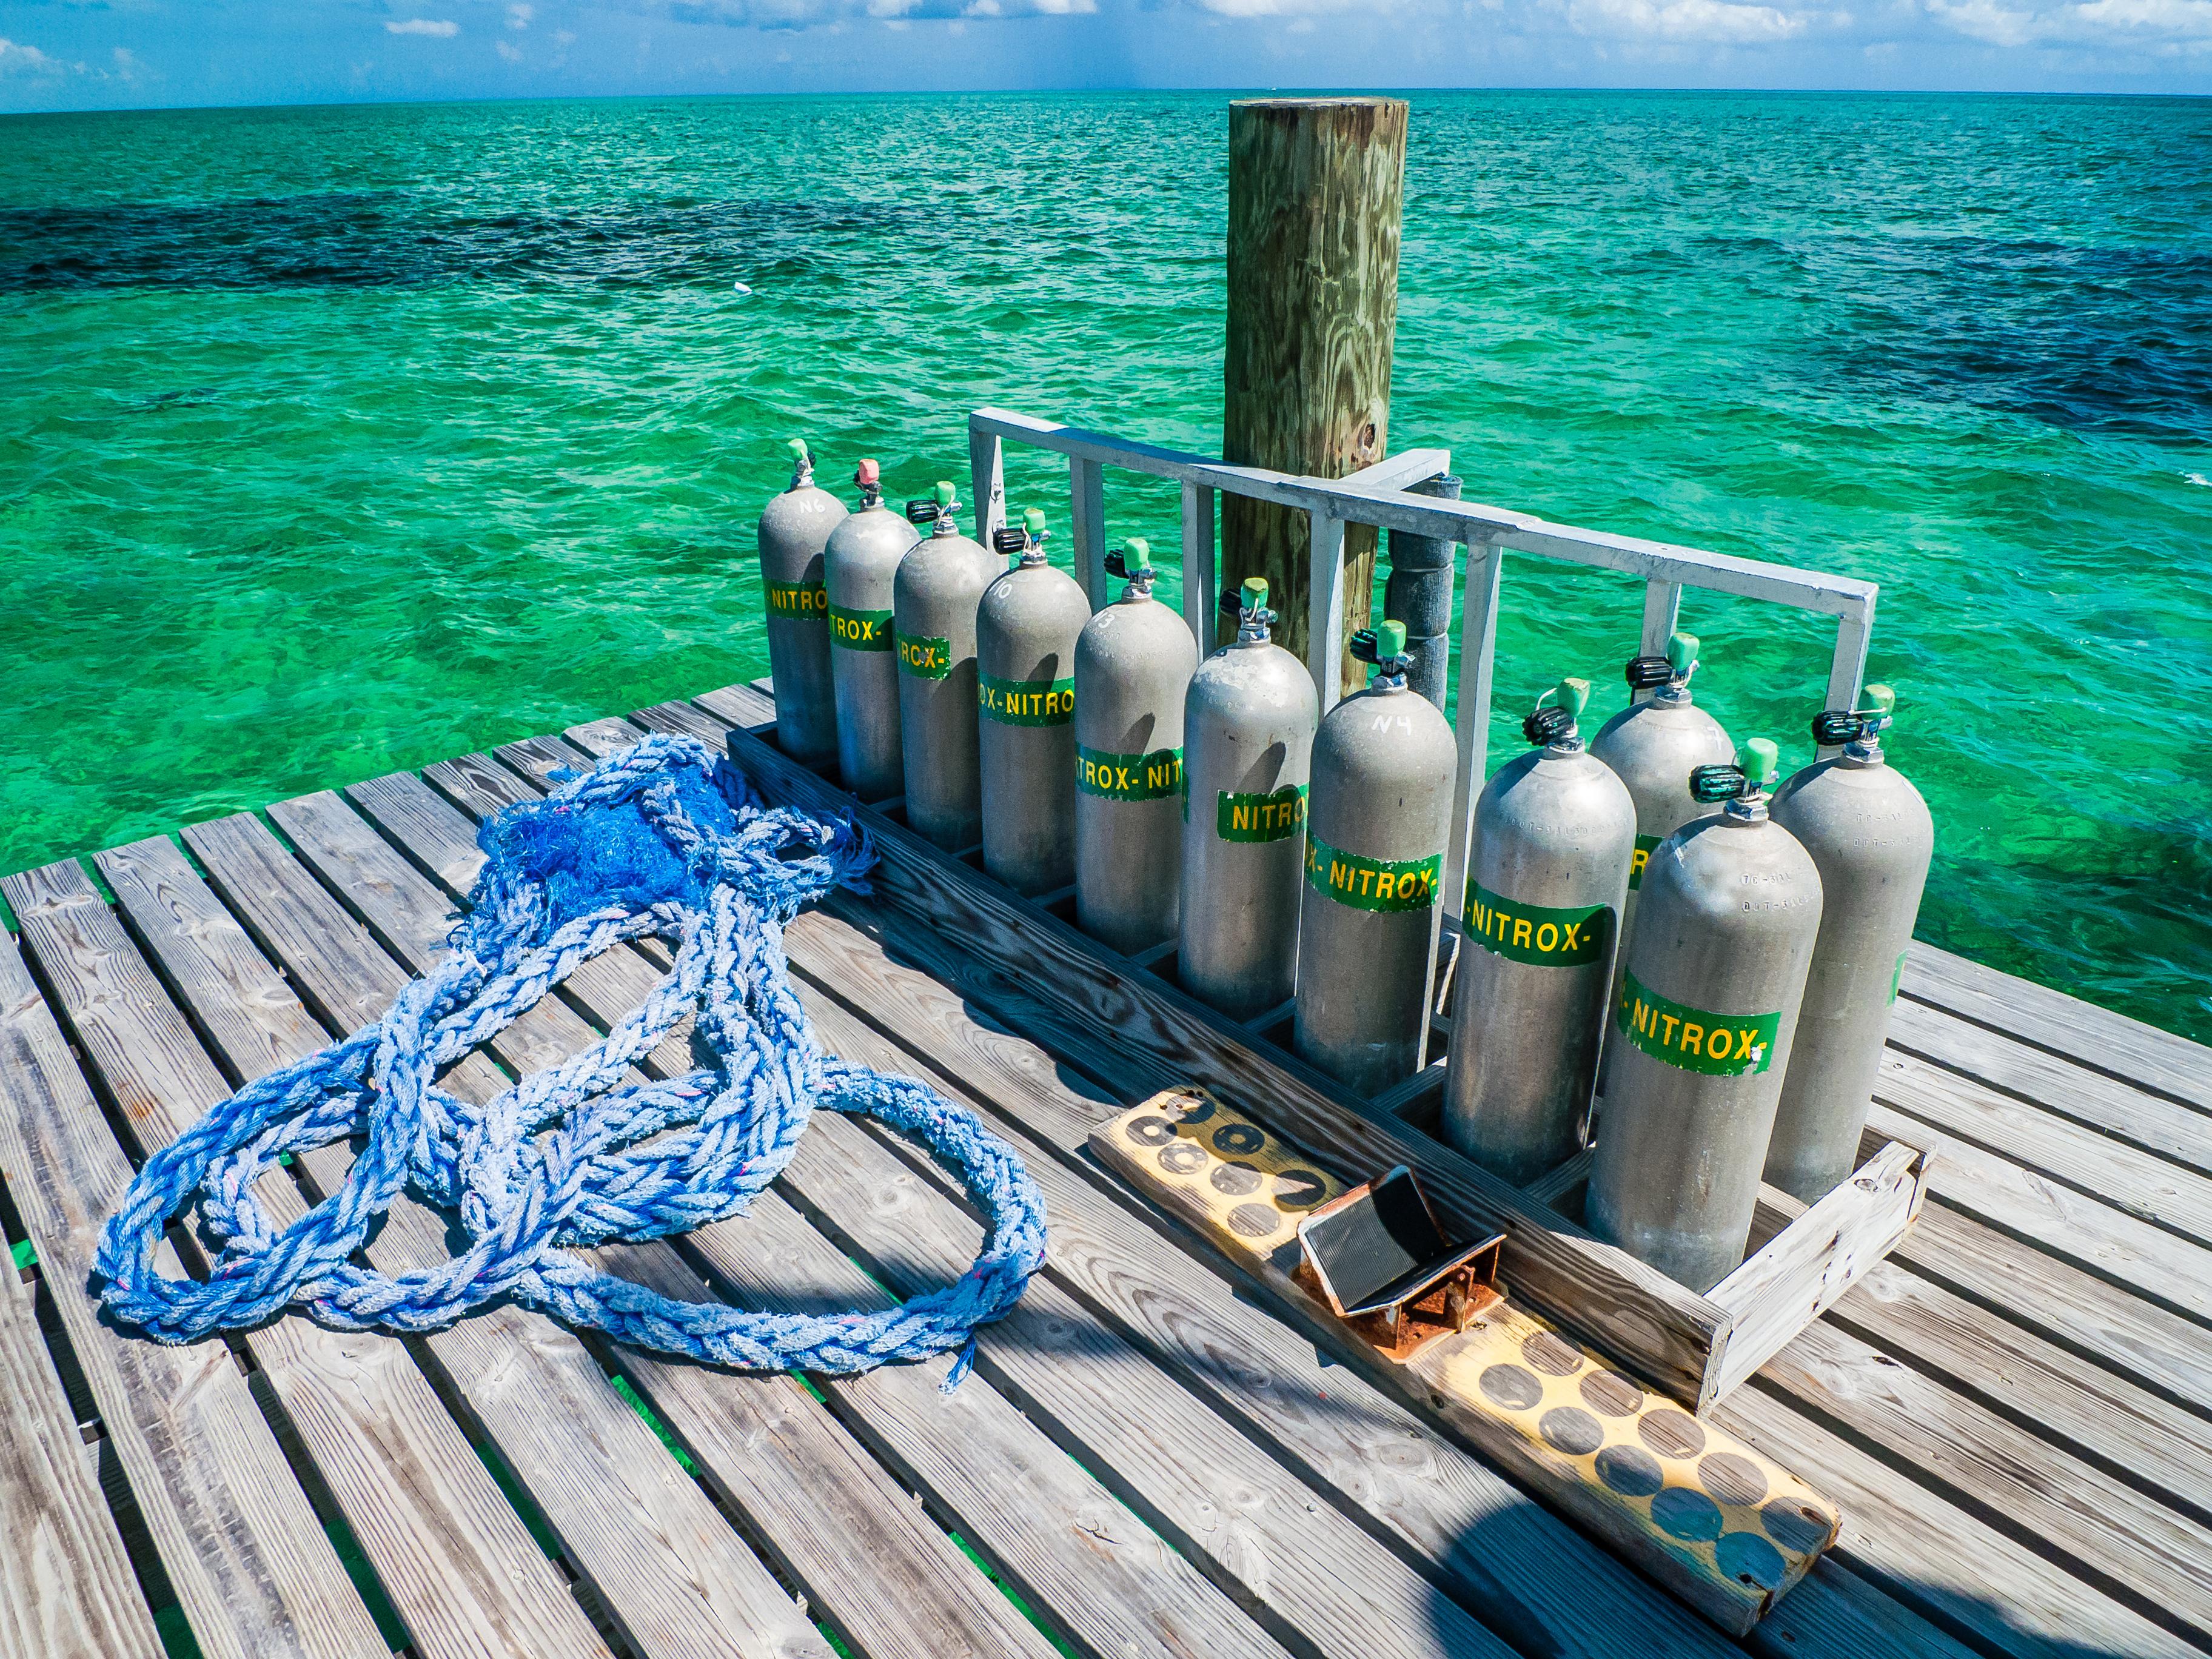 Siti di incontri gratuiti Bahamas